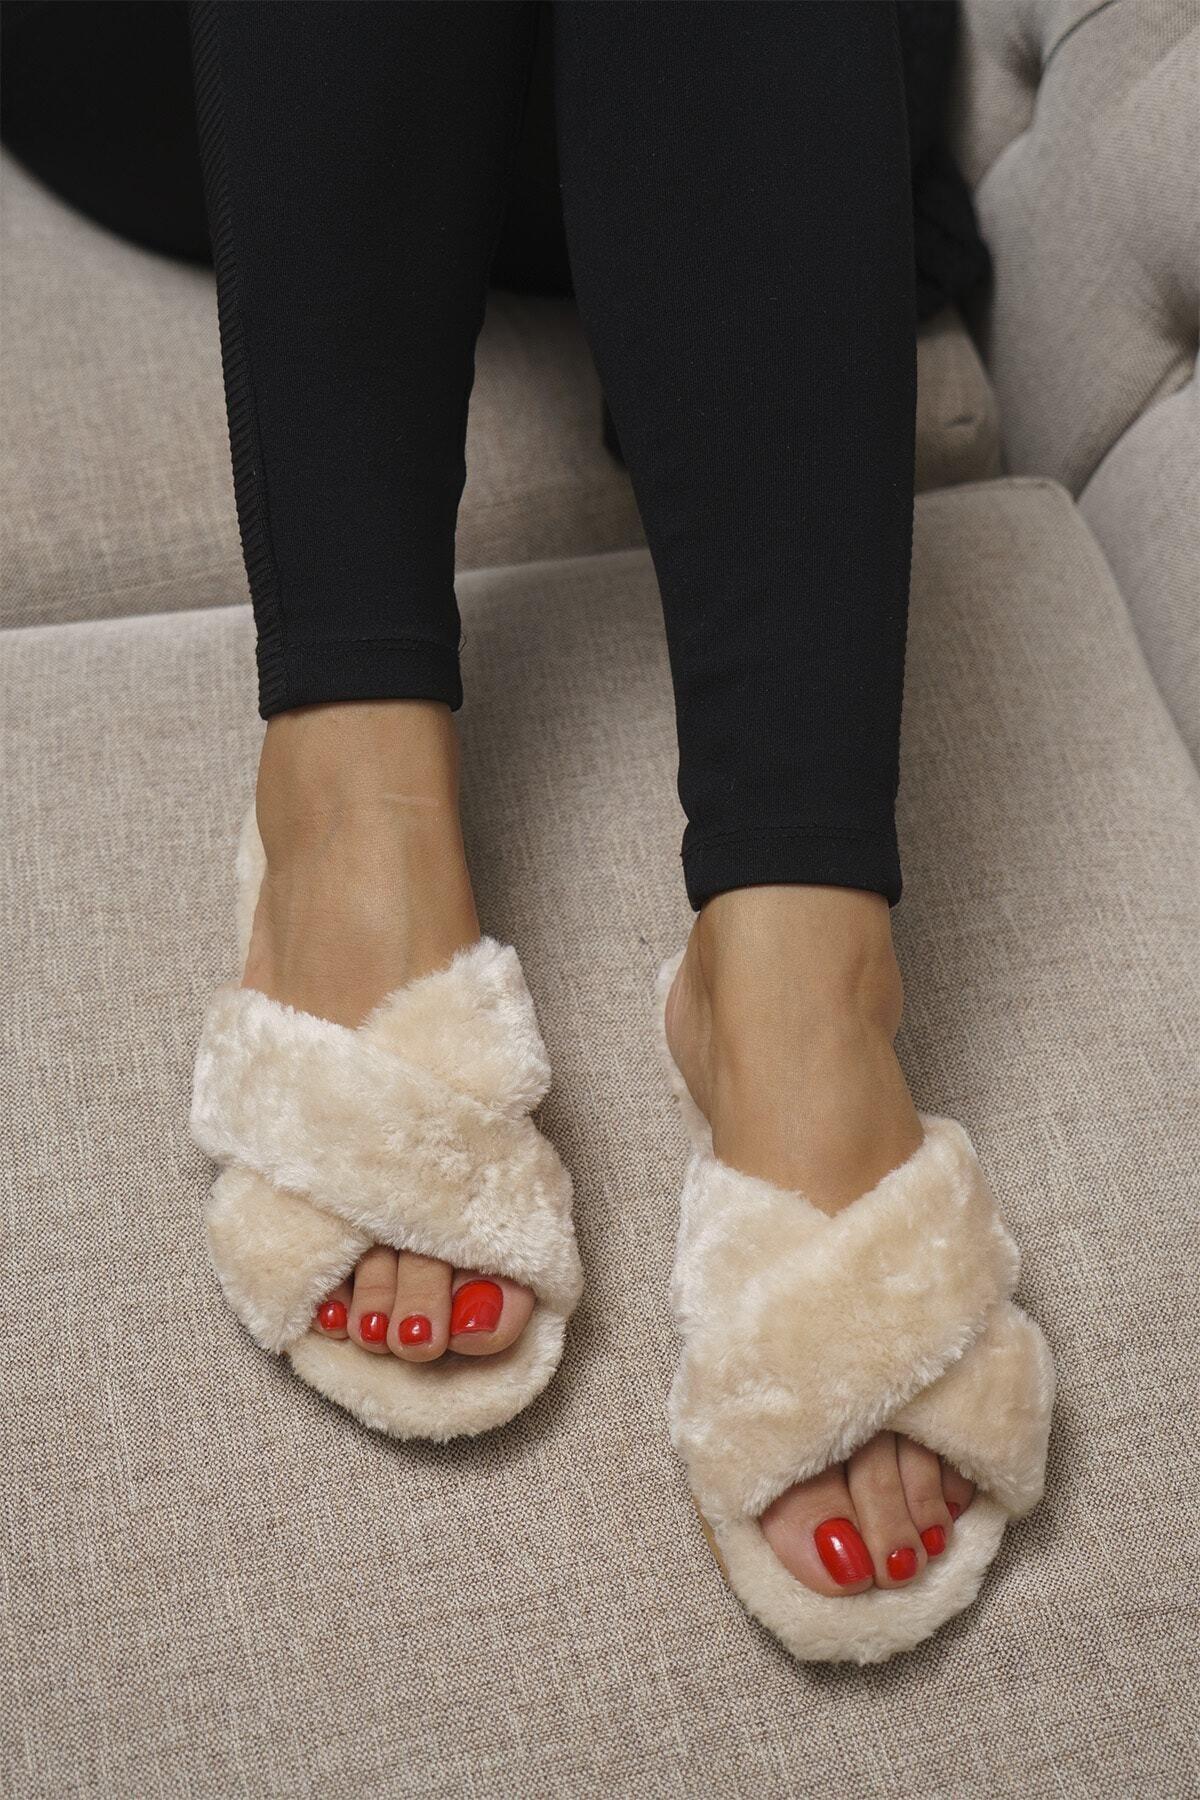 OCT Shoes Kadın Bej Çapraz Peluş Ev Terliği 1026 1